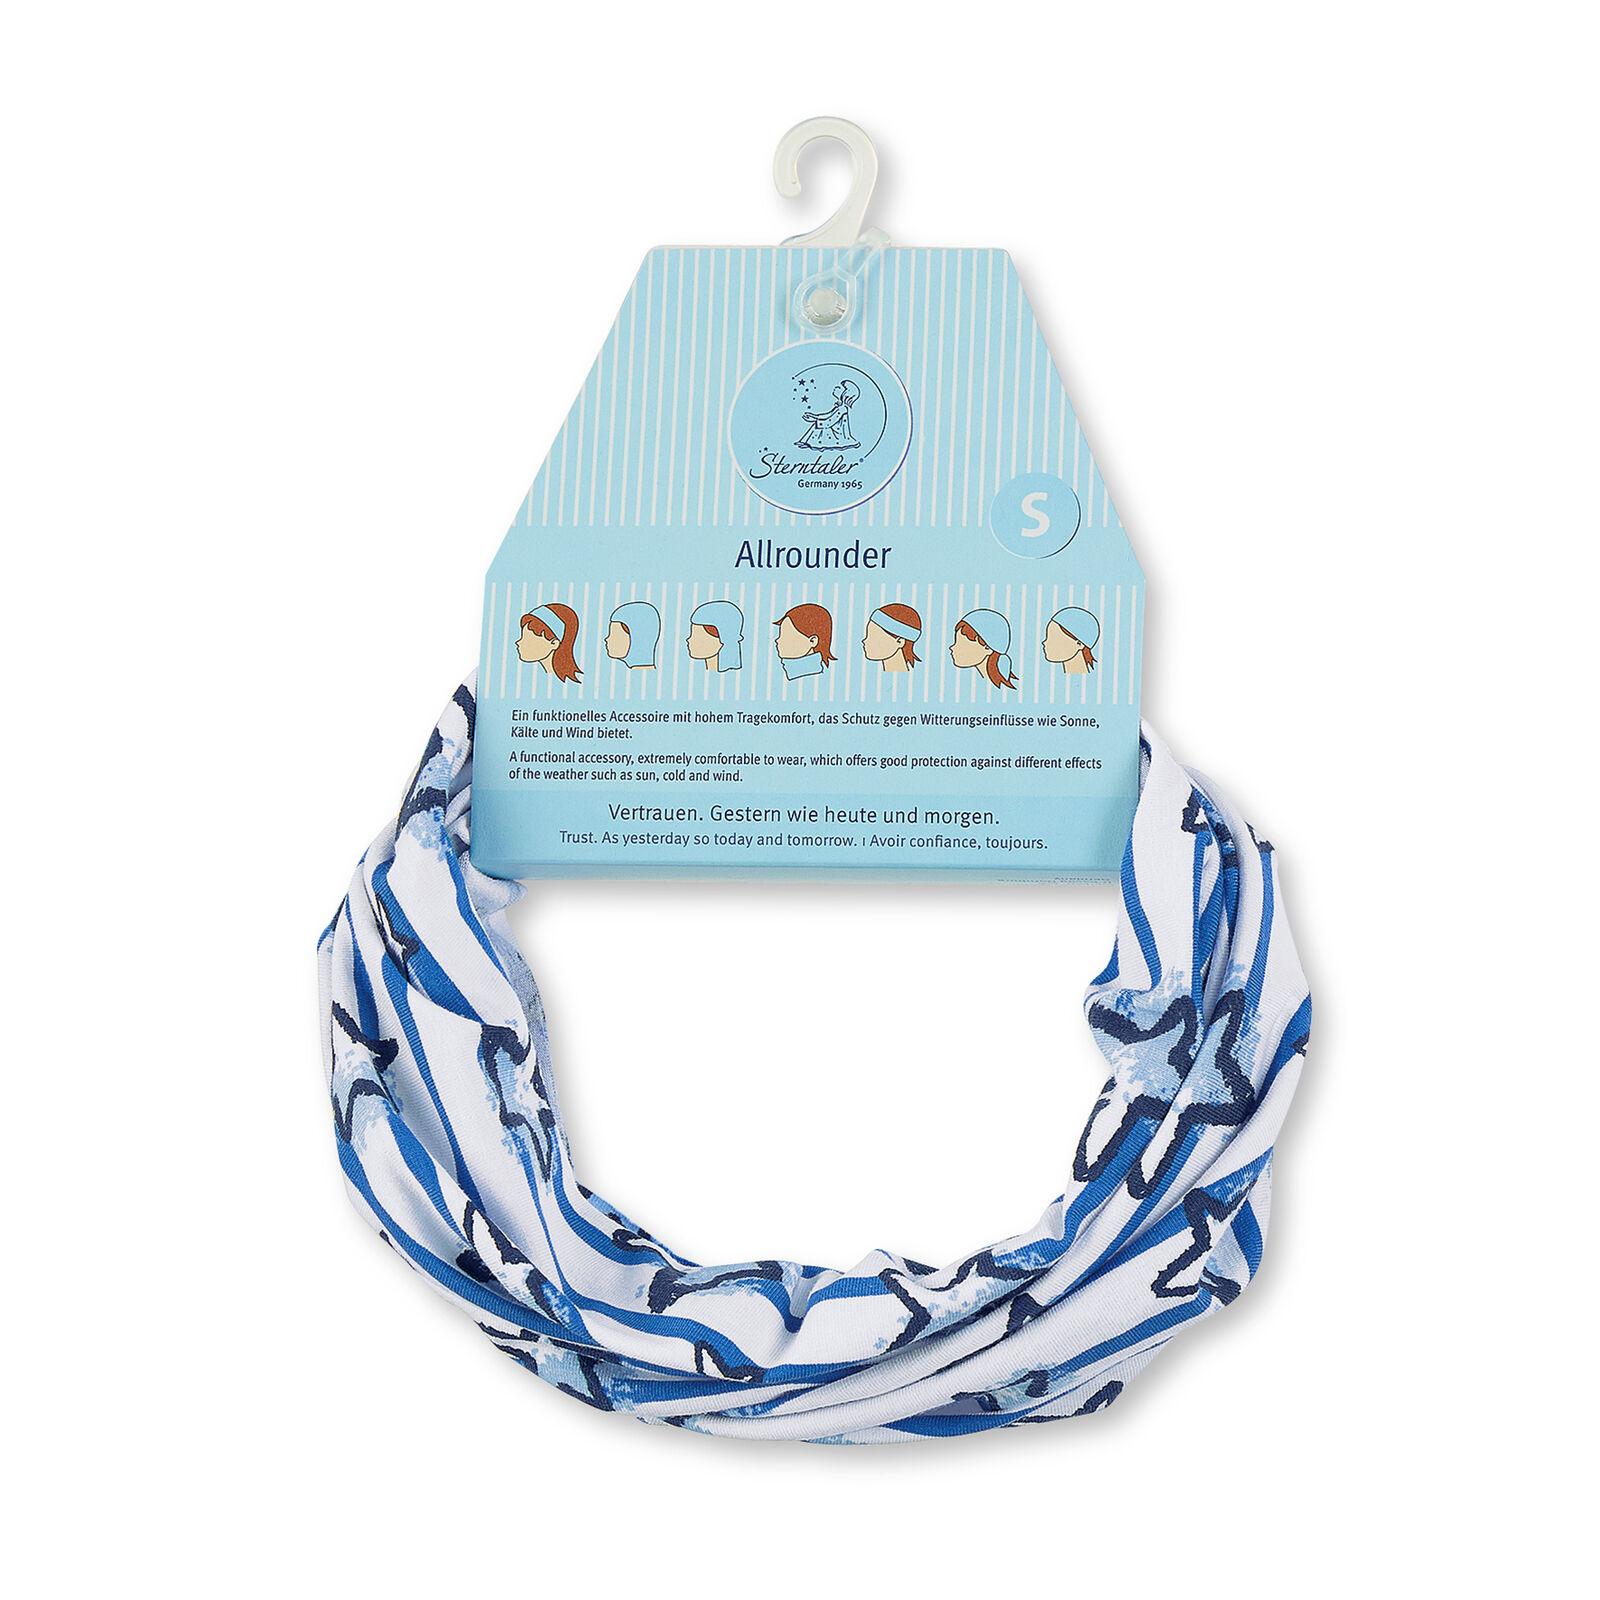 Sterntaler Unisex Jersey Allrounder UV-Schutz 50+ Piratentuch Stirnband Halstuch